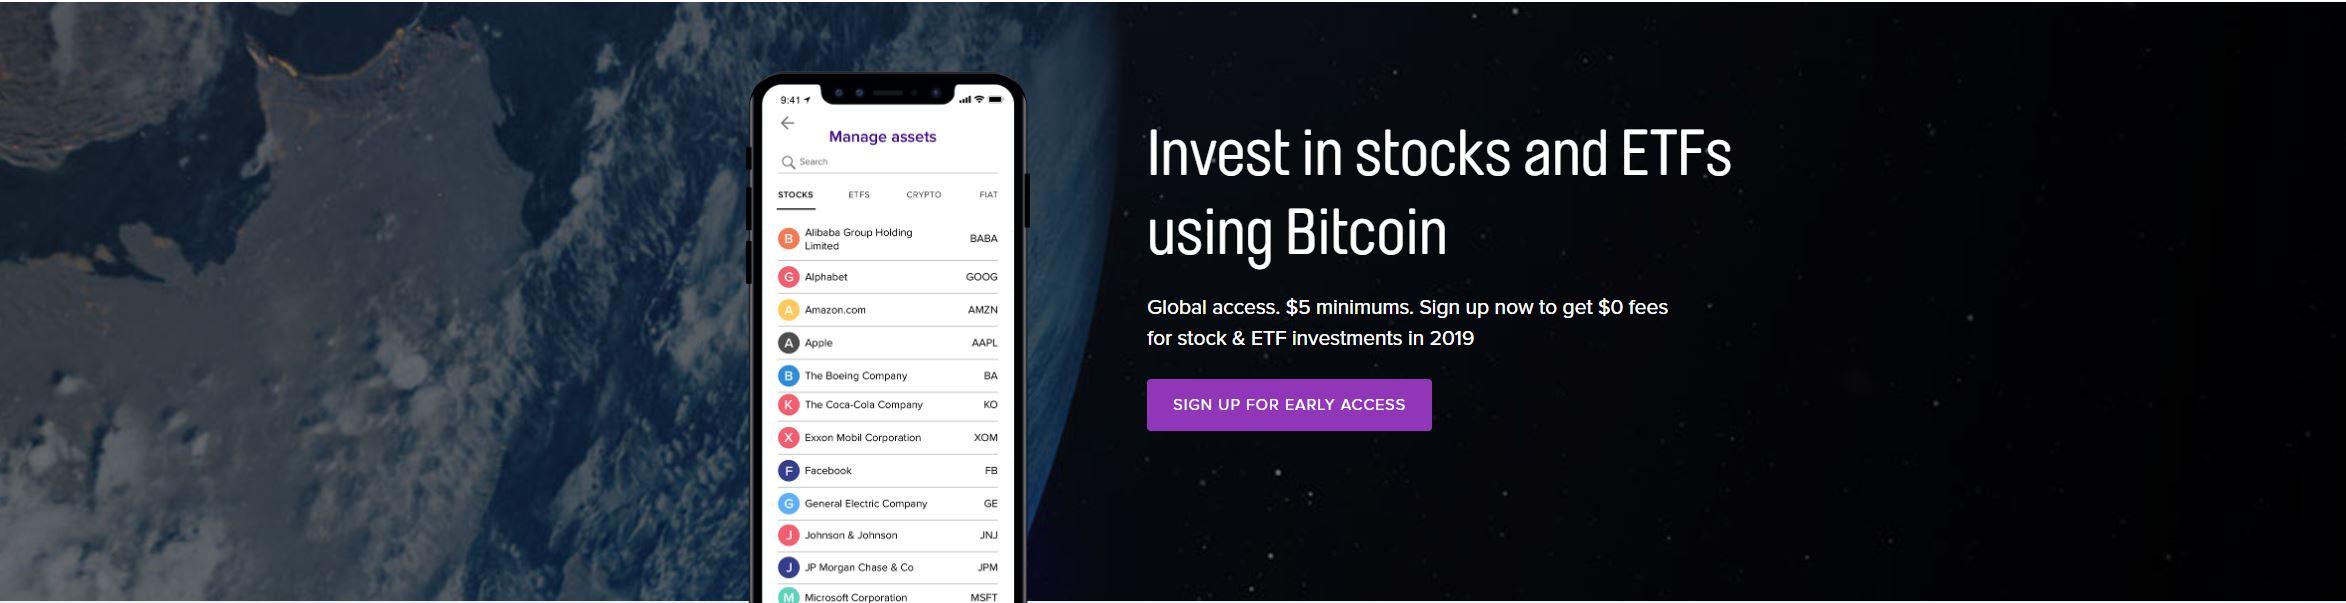 Que tal negociar ações da Apple com bitcoin? Confira essa novidade